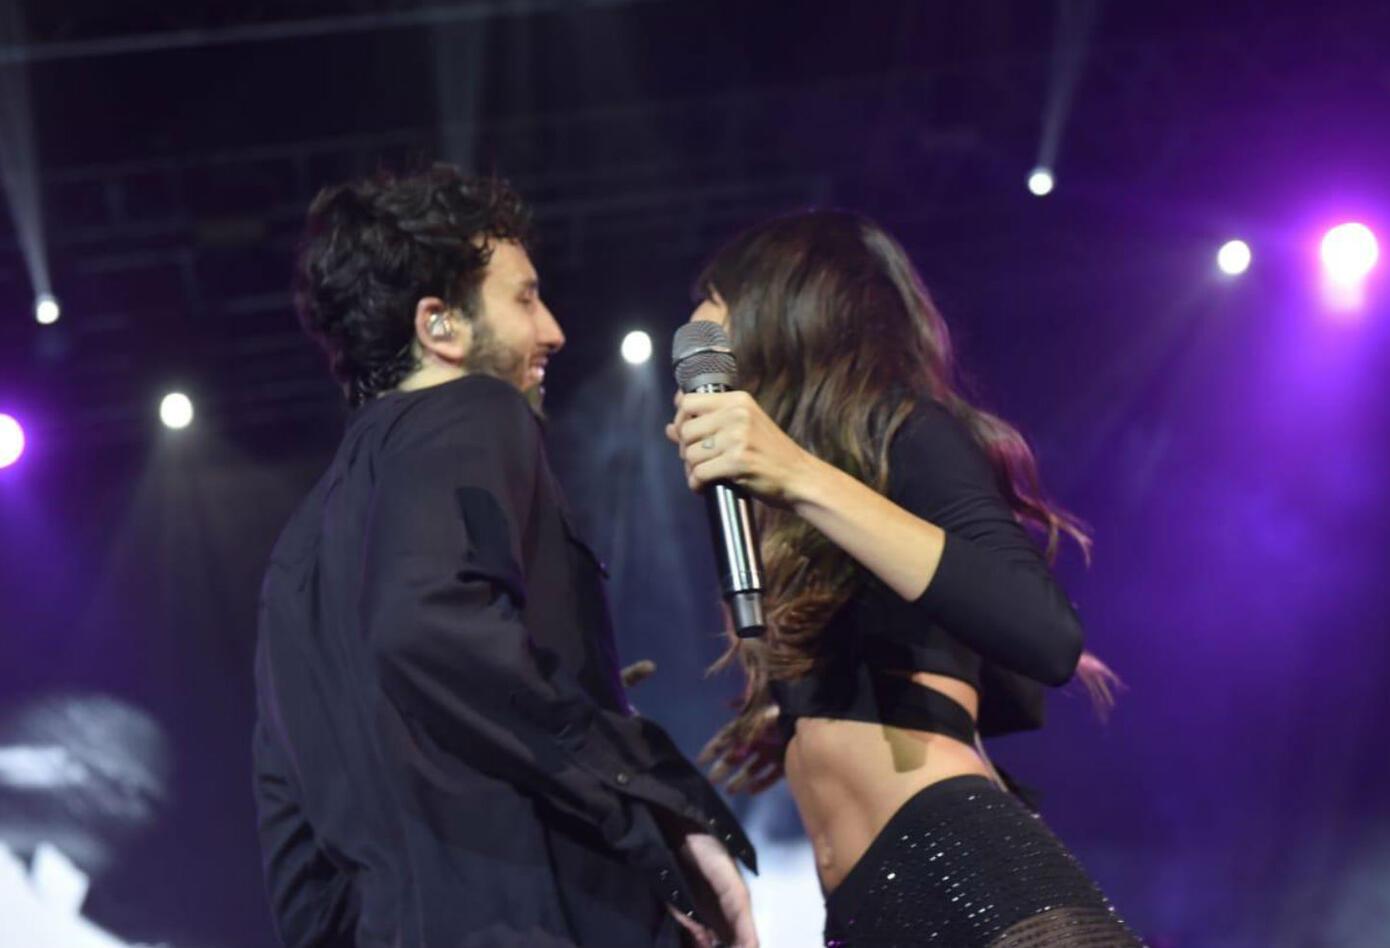 Beso de Sebastián Yatra y Tini Stoessel en Buenos Aires